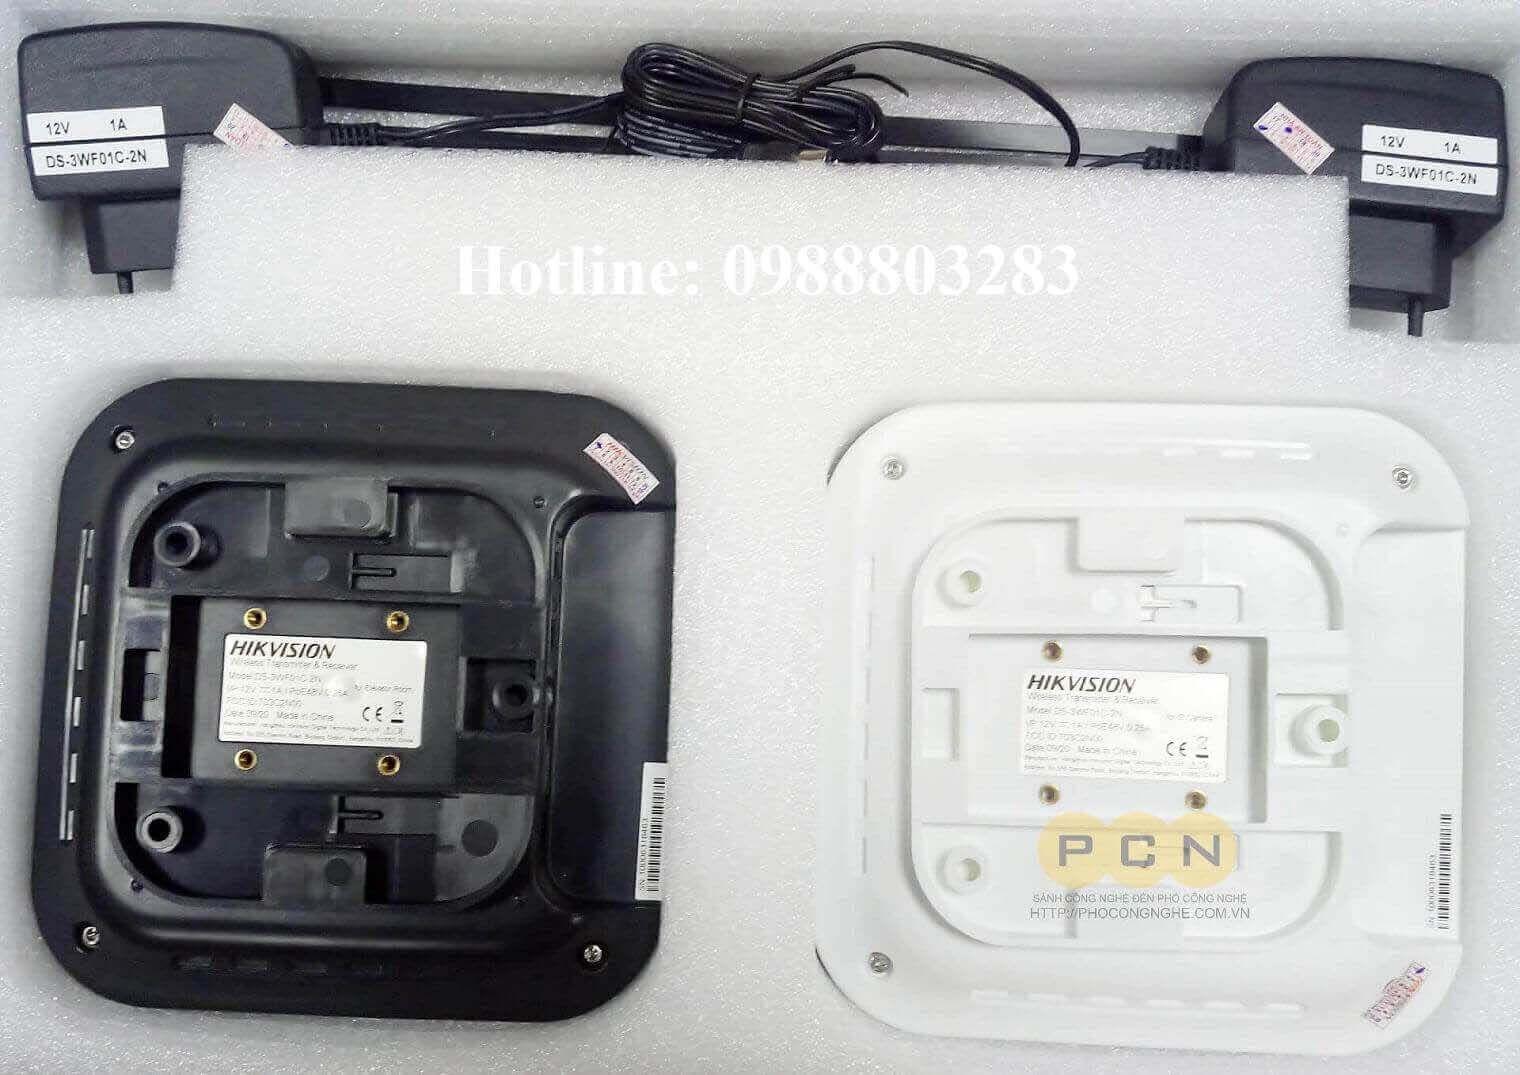 Bộ thu phát không dây Camera IP trong thang máy HIKvision DS-3WF01C-2N